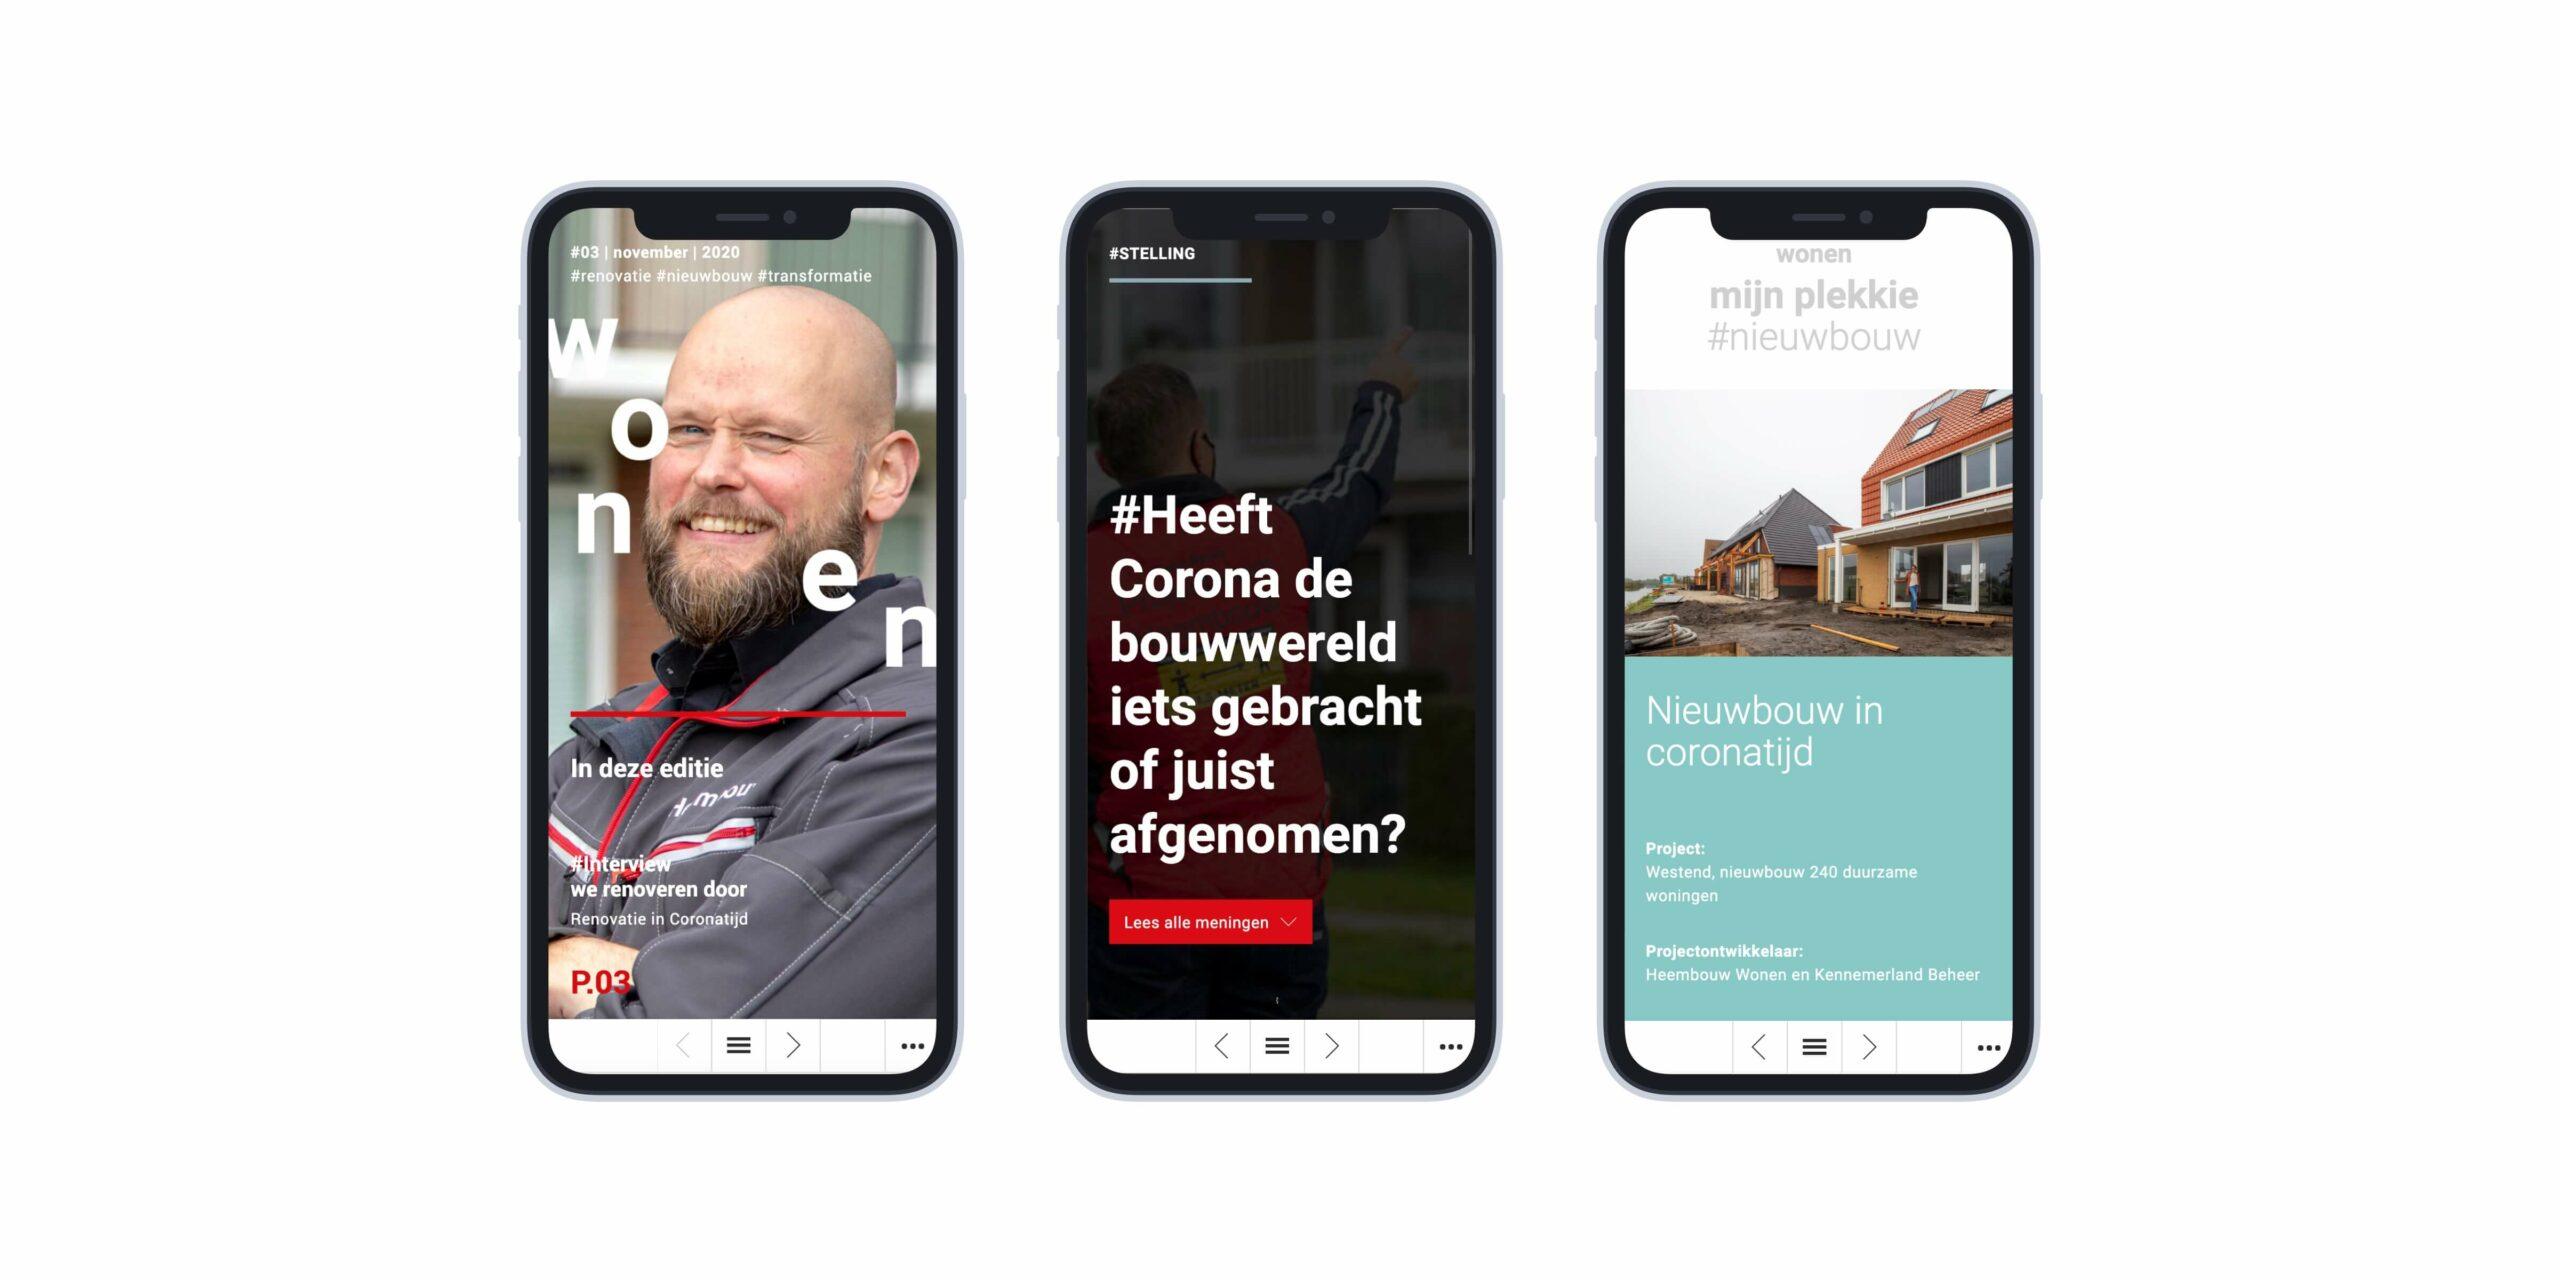 DutchGiraffe_Cases_HeembouwImg 2- mobiele optimalisatie